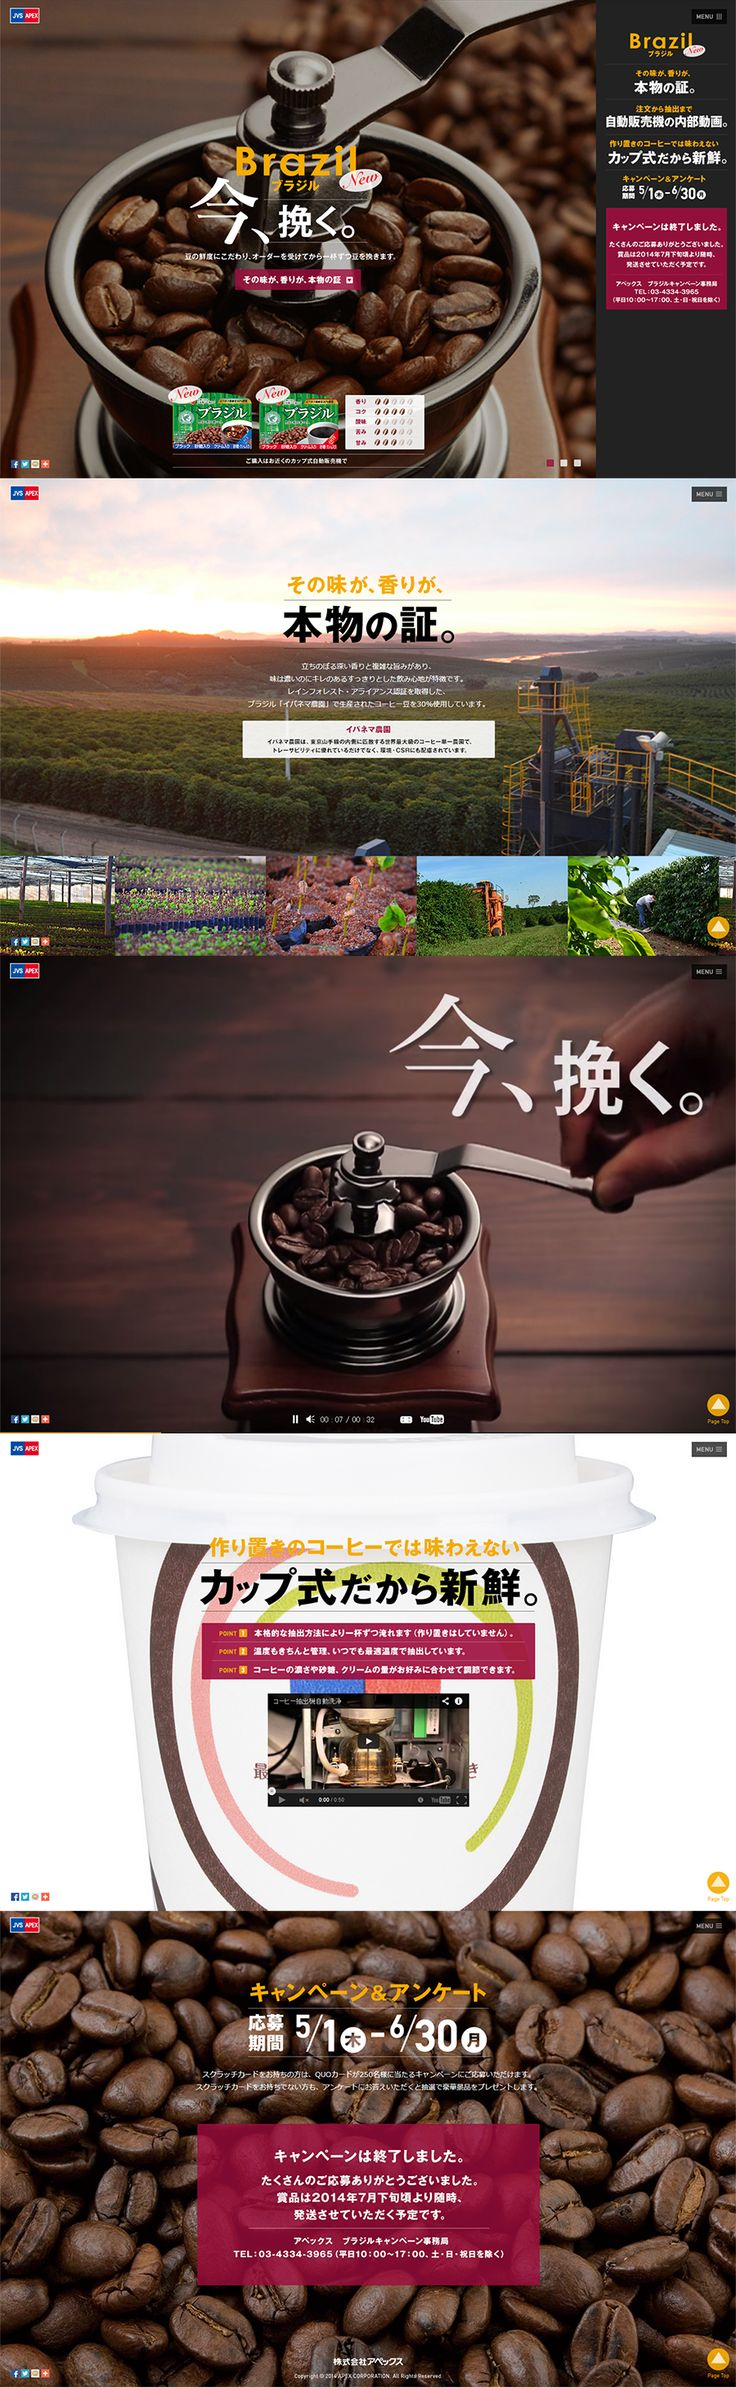 ブラジルコーヒー(イパネマ農園豆30%使用)| カップ自販機コーヒーのアペックス